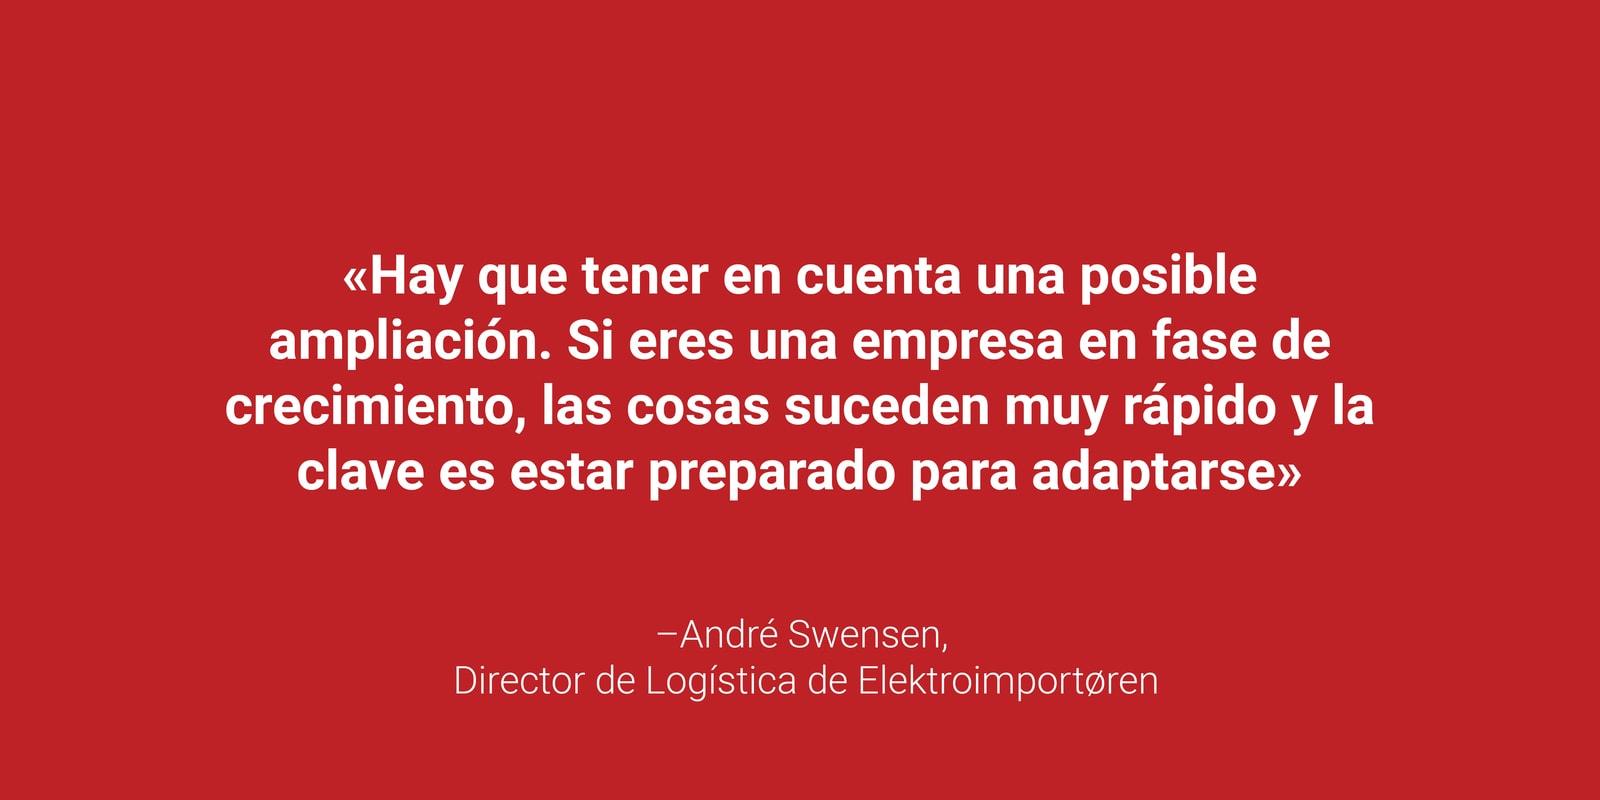 """La cita """"Hay que tener en cuenta una posible ampliación. Si eres una empresa en fase de crecimiento, las cosas suceden muy rápido y la clave es estar preparado para adaptarse."""" André Swensen, Director de Logística de Elektroimportoren en letras blancas sobre fondo rojo."""" en letras blancas sobre fondo rojo."""